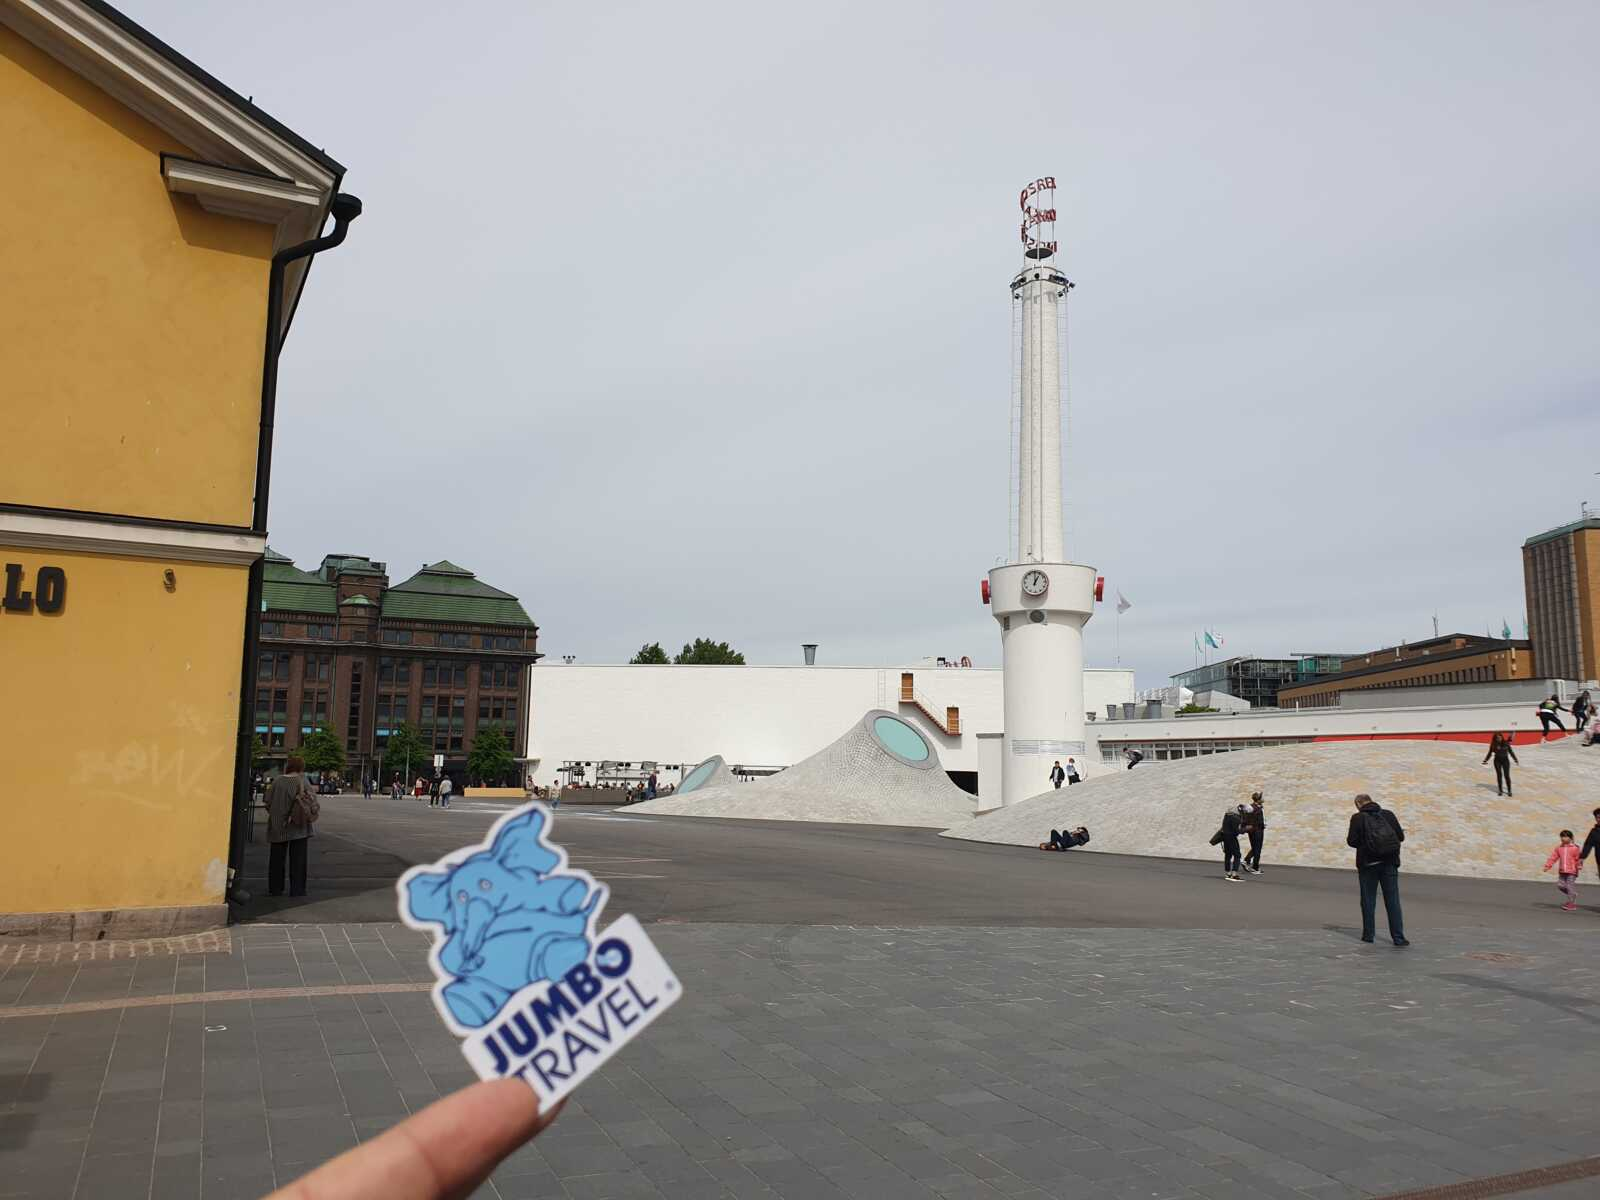 Helsinki, Finska - Helsinki, Finland